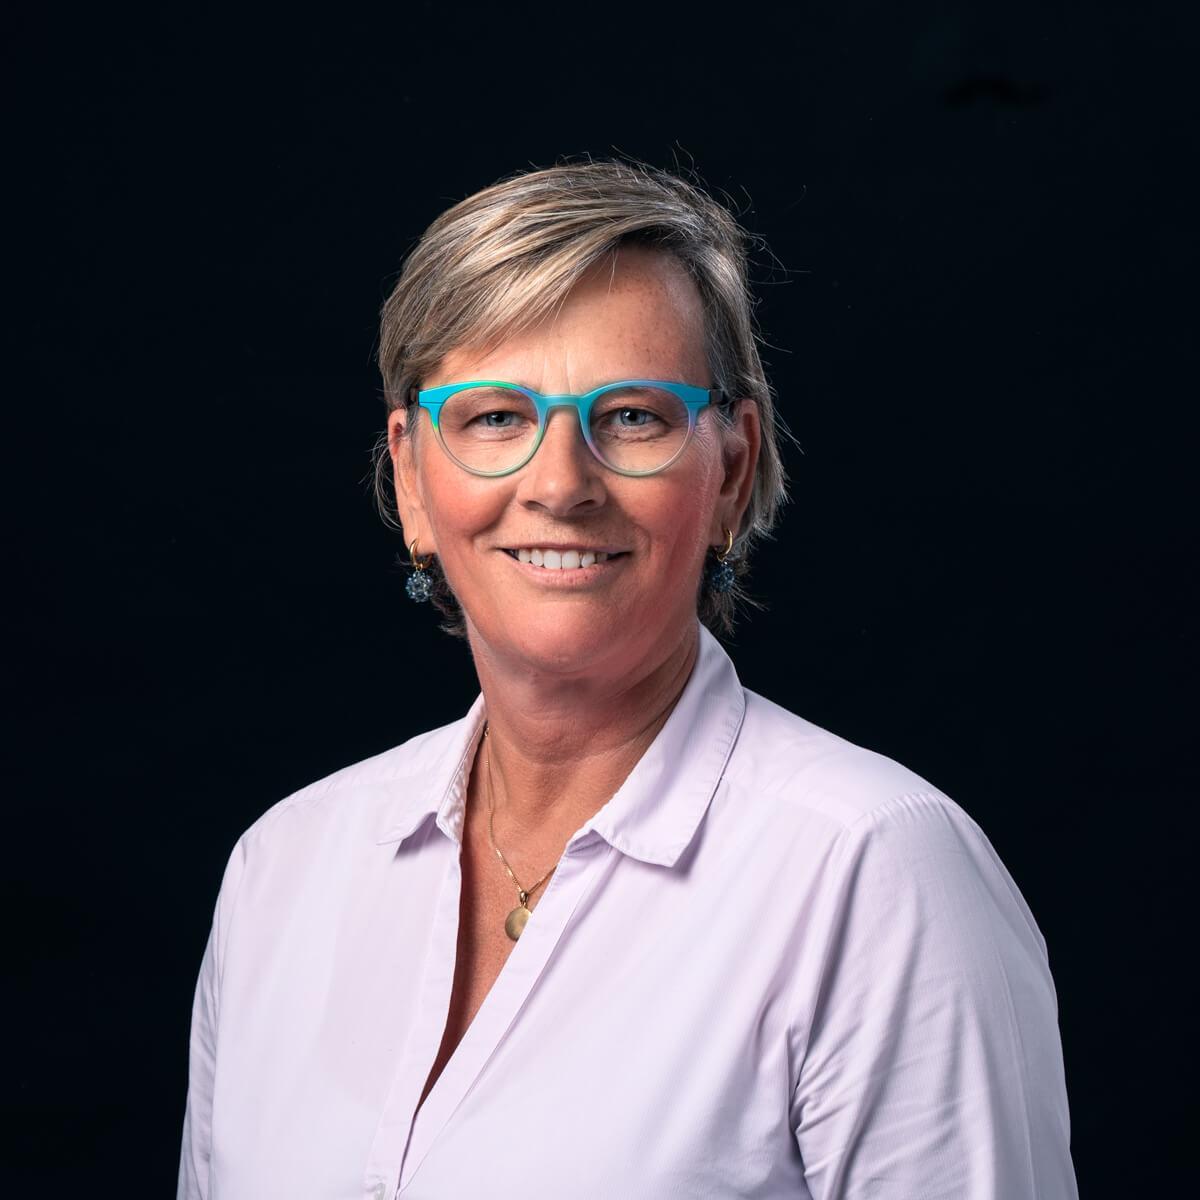 Manon Vonk